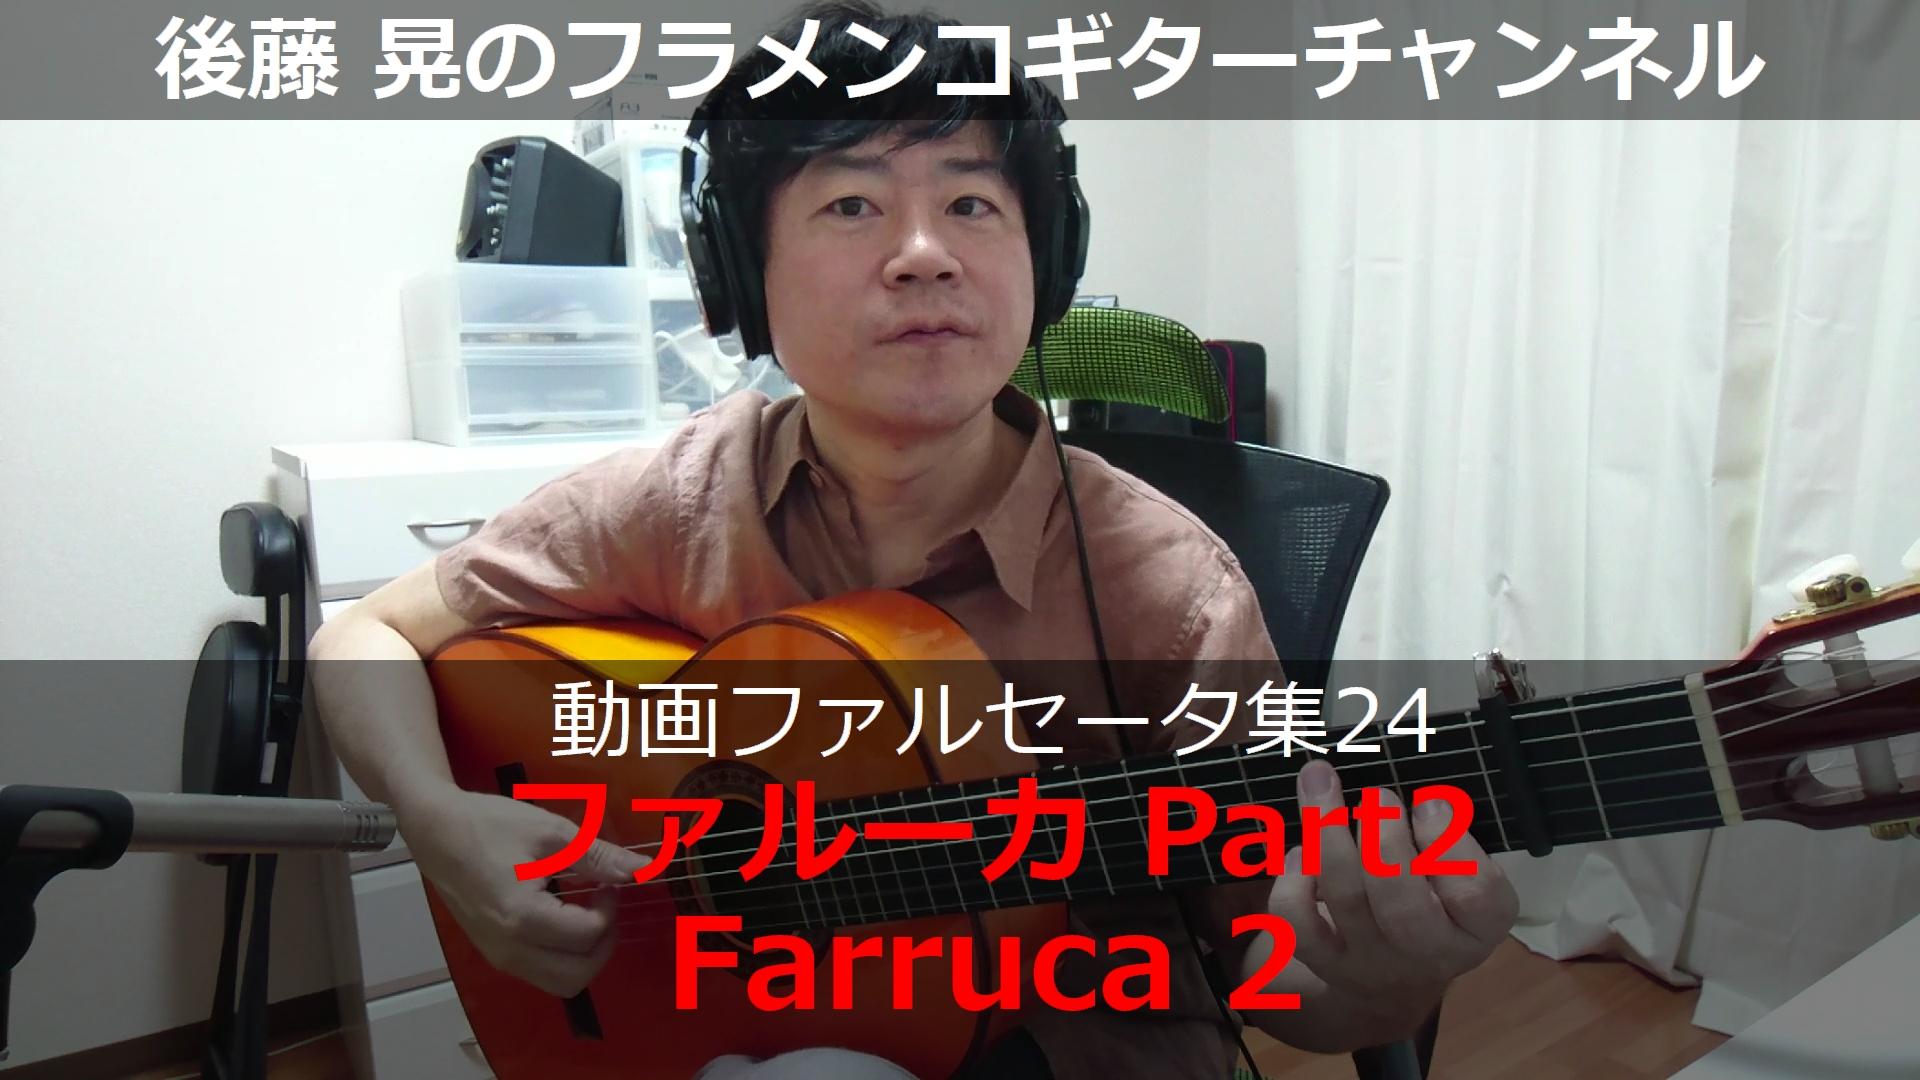 ファルーカ Part2 ギター演奏